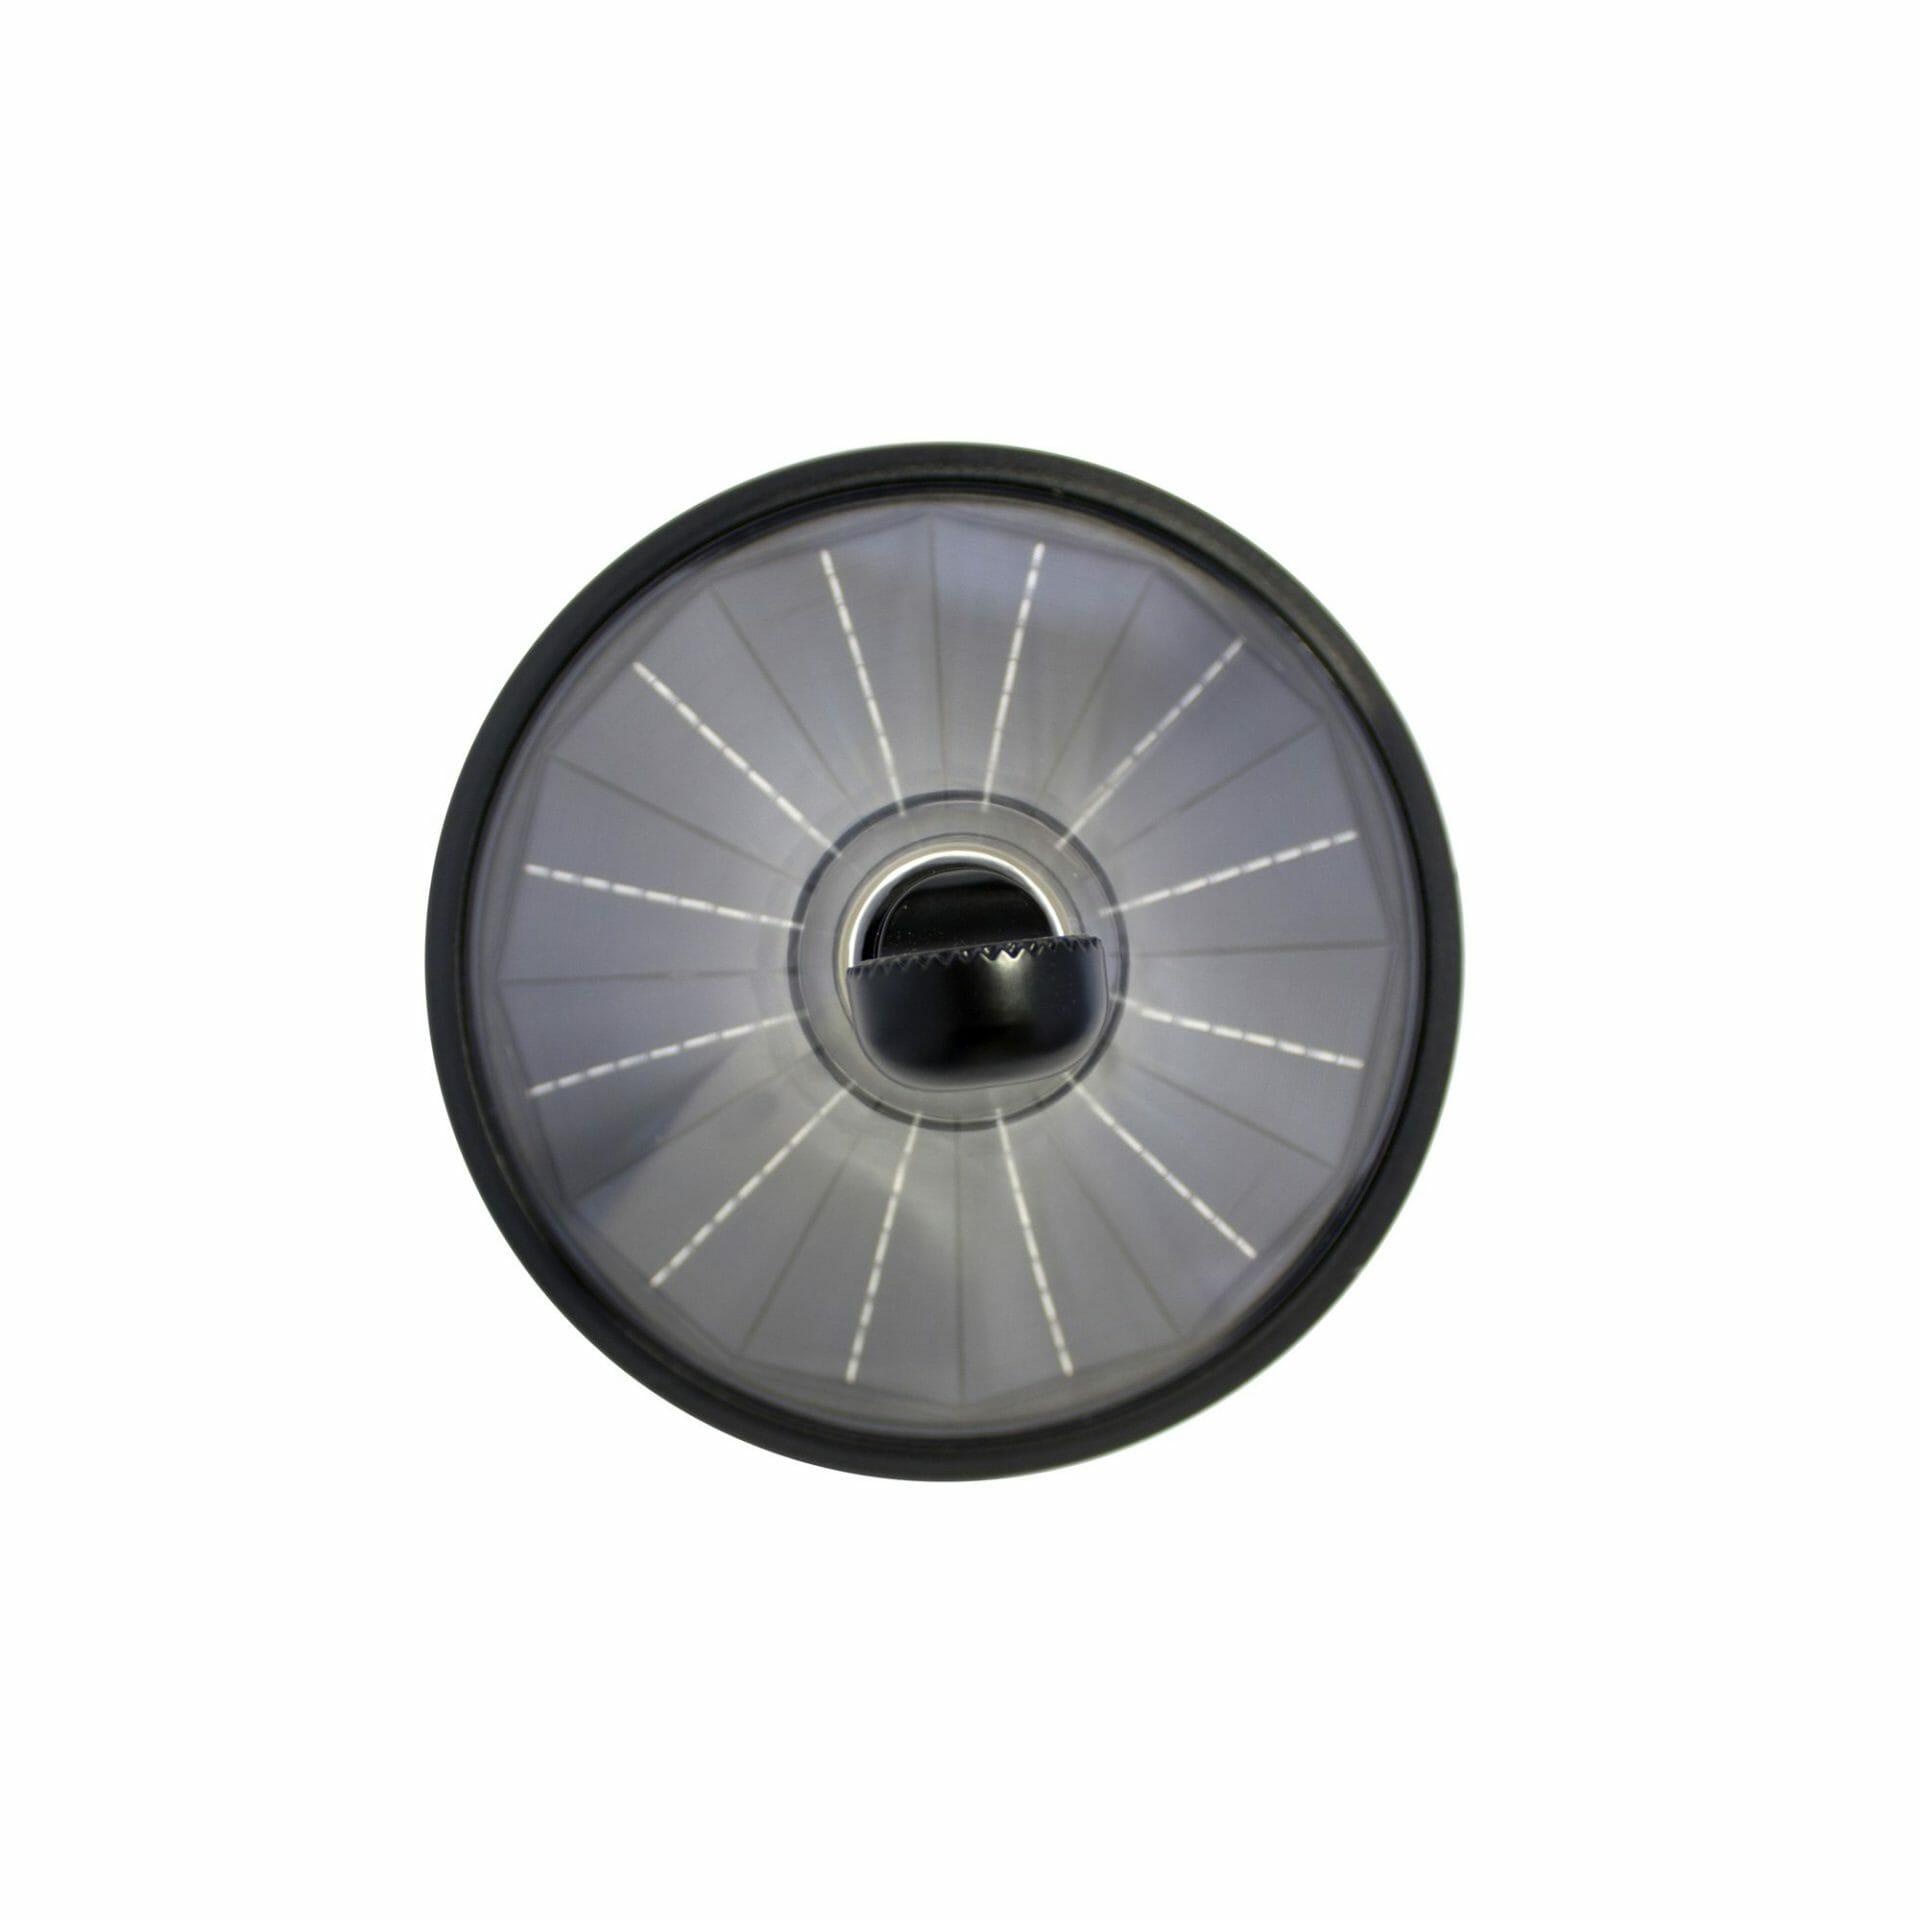 Plaza Solar RLM Light - 119B50044